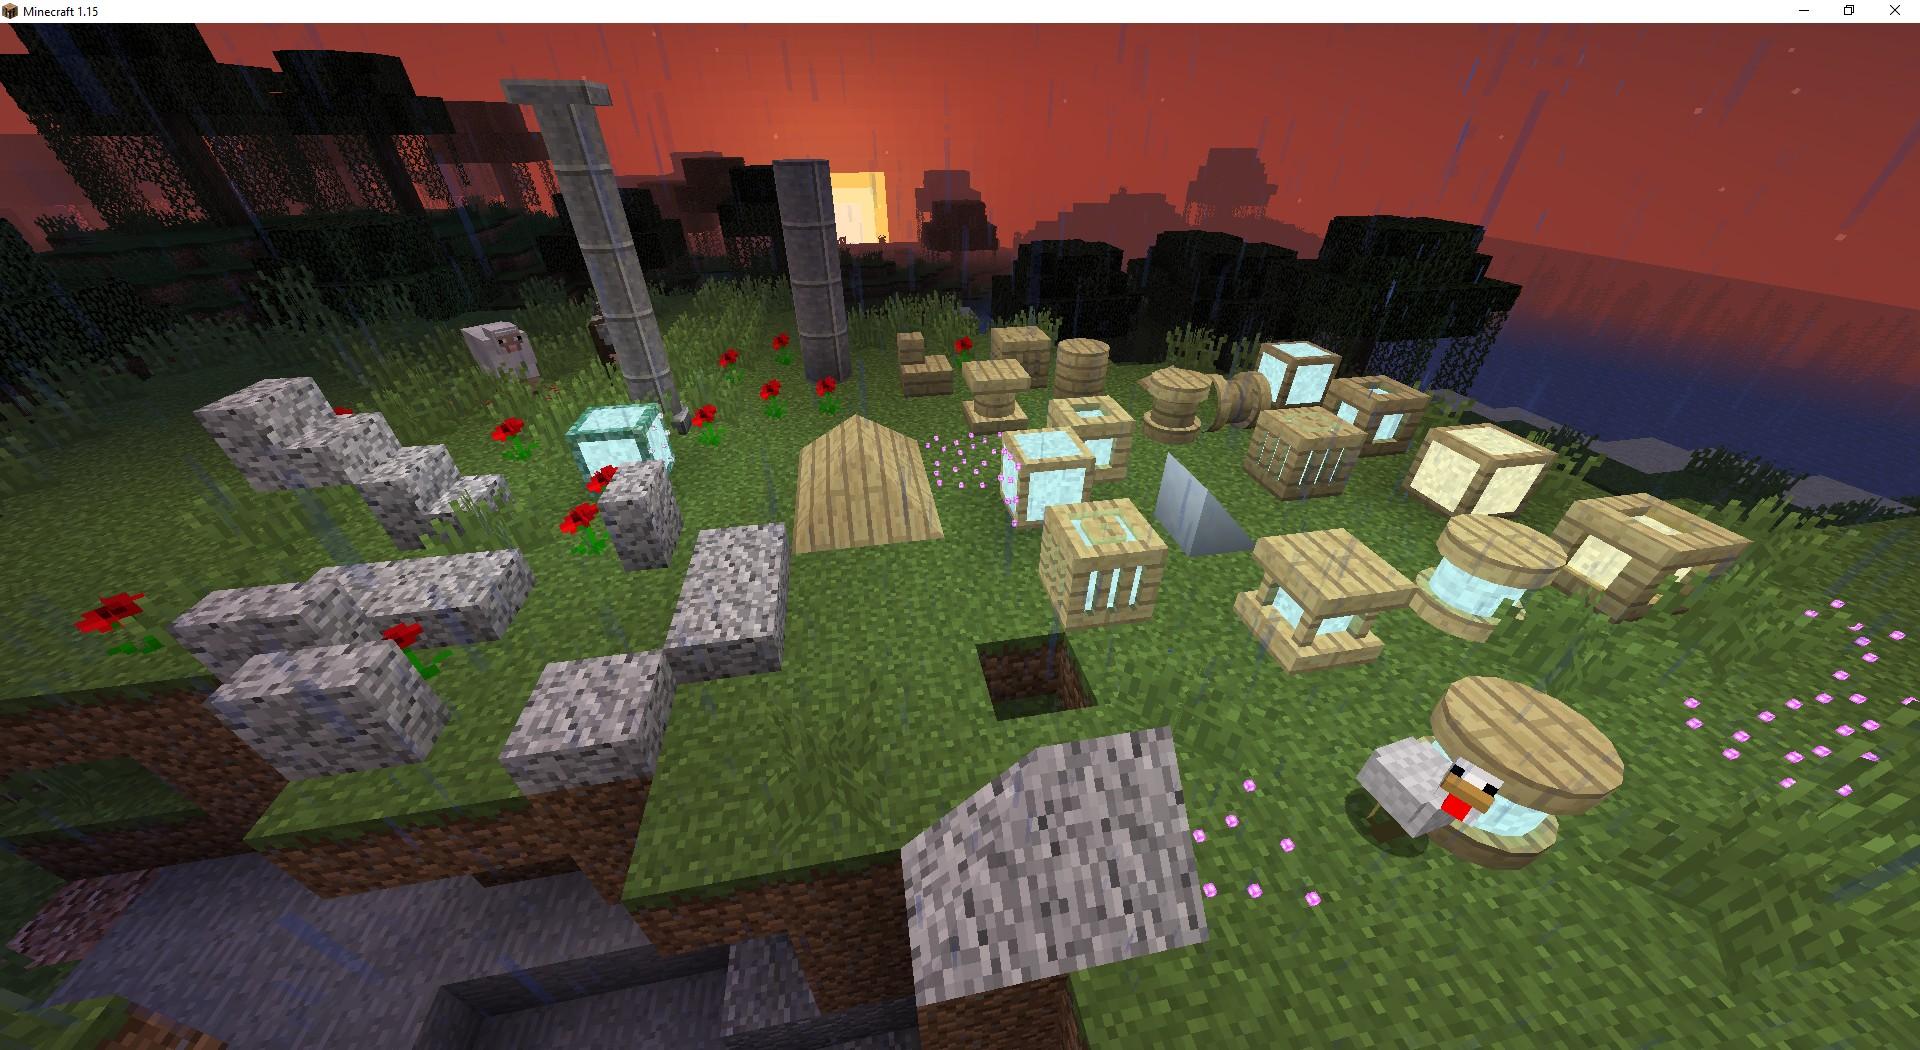 Мод Exotic Blocks— более 1000 строительных блоков - скриншот 2